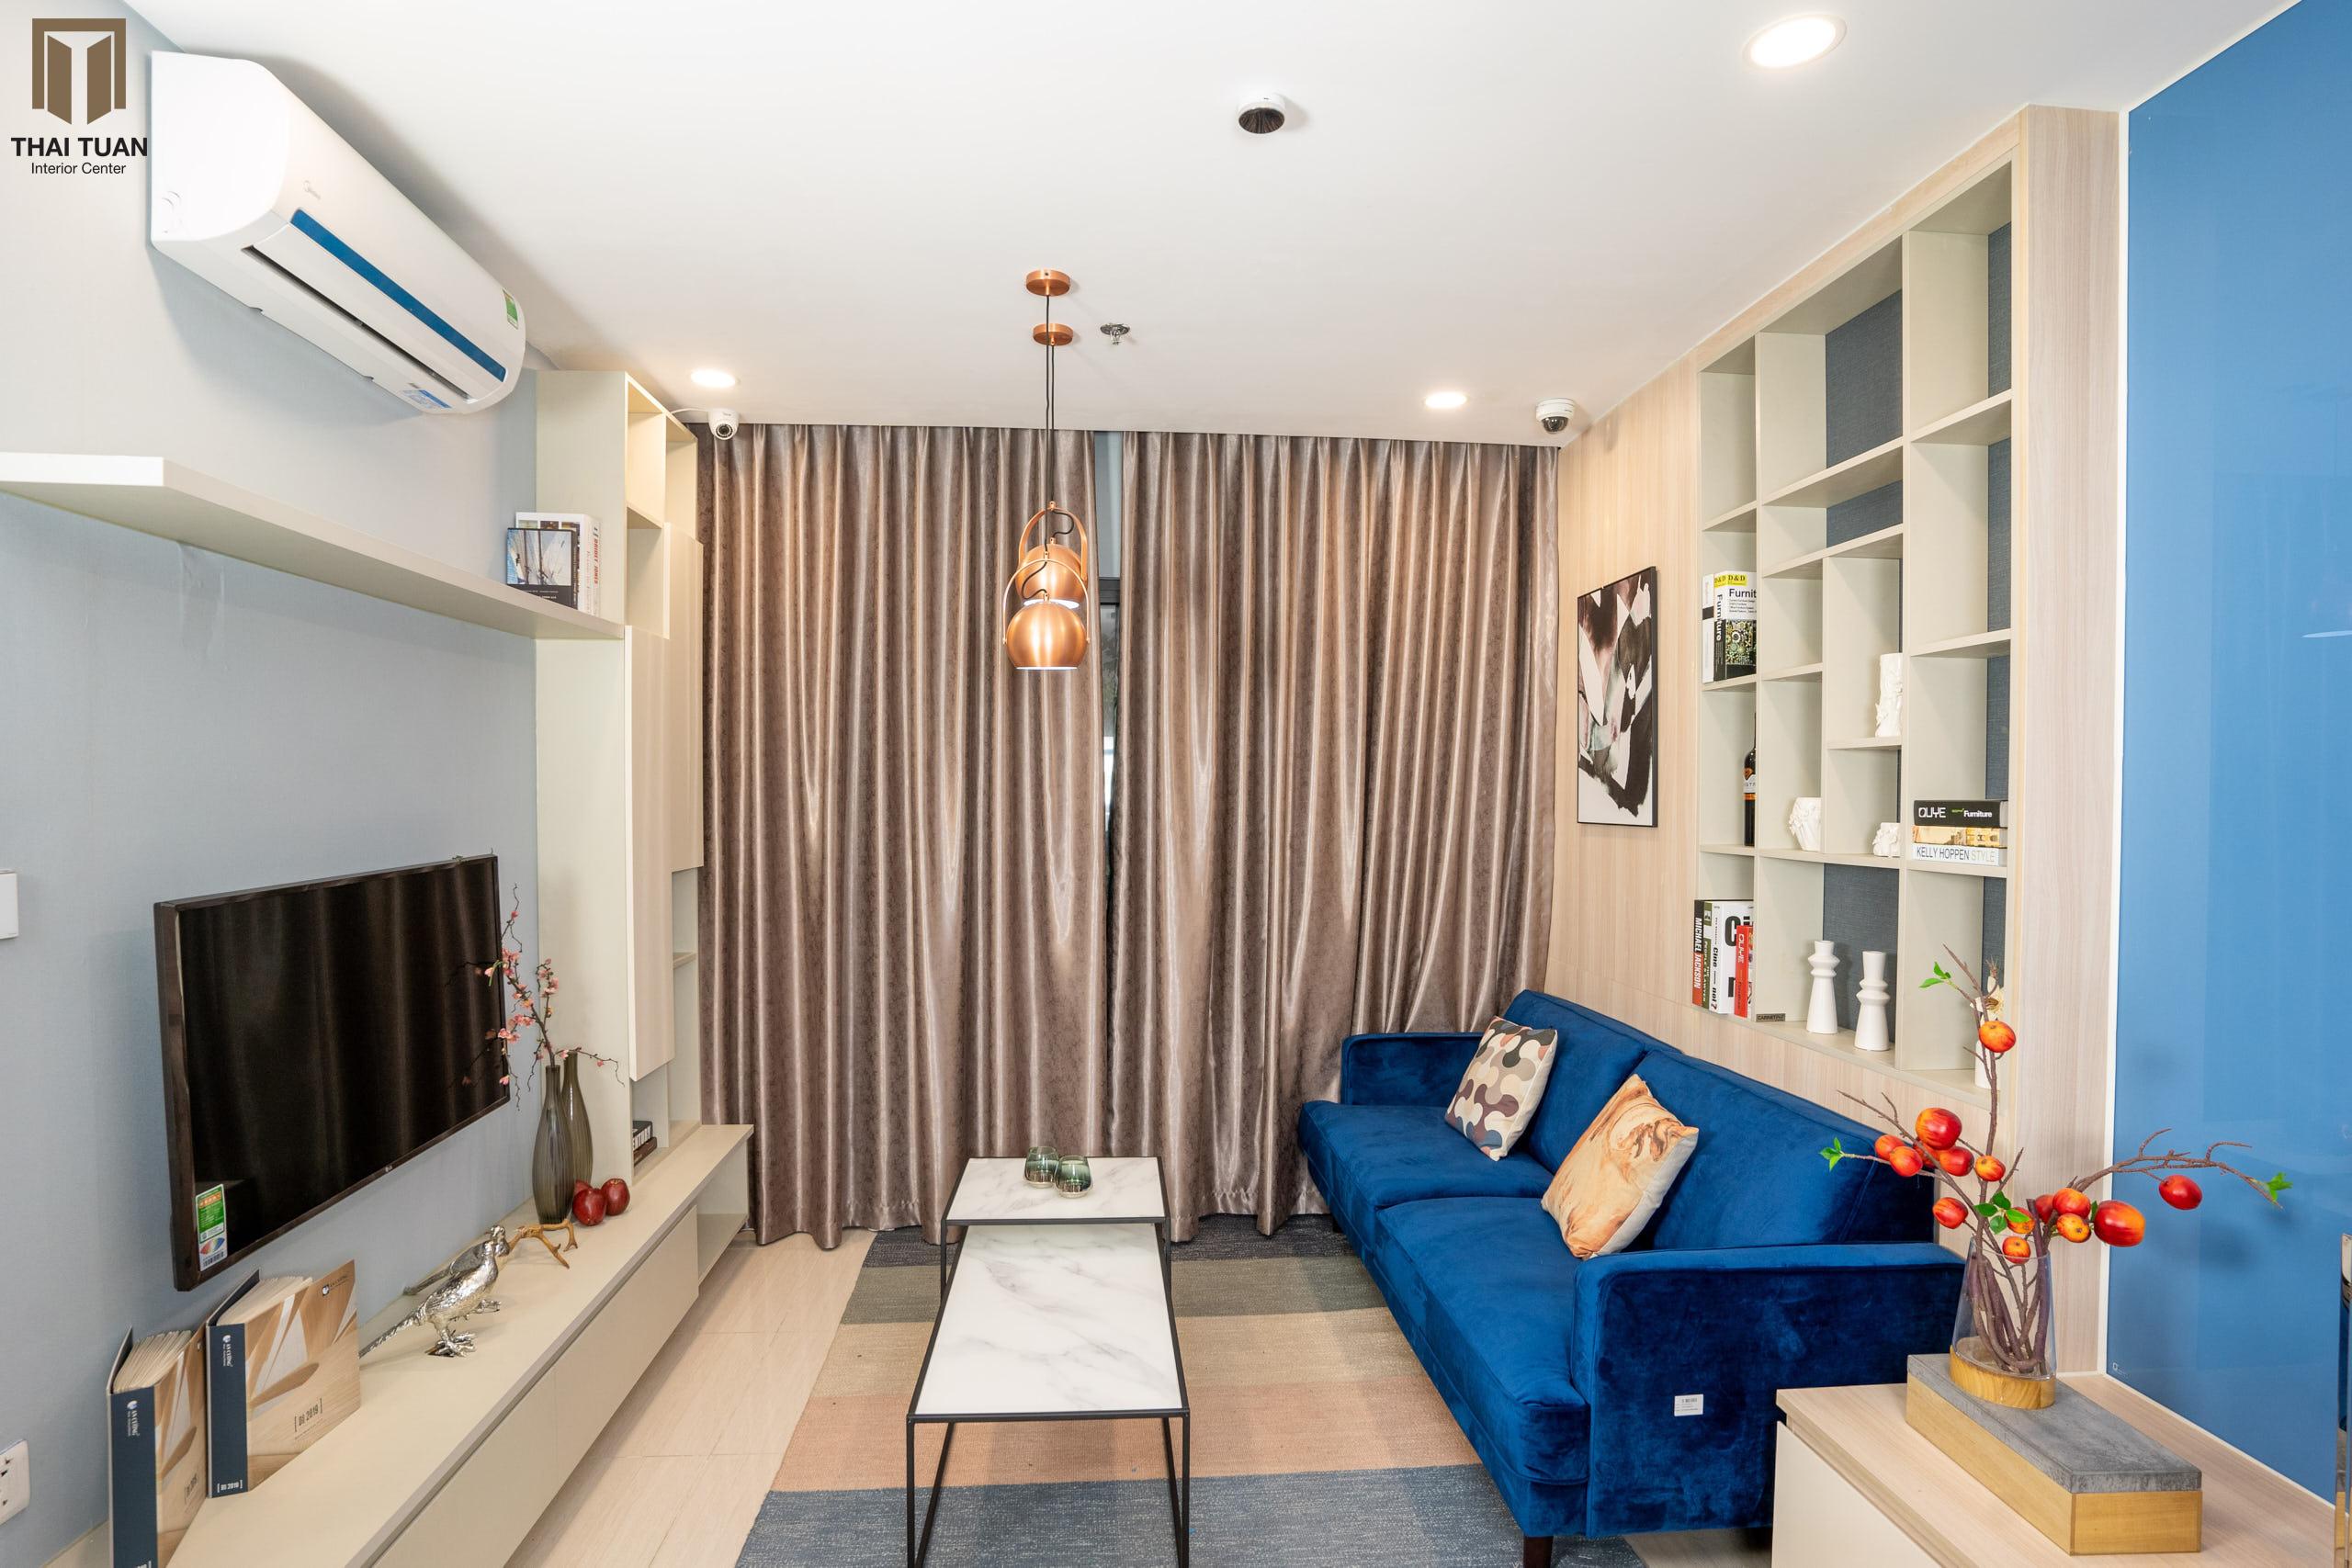 Phòng khách với chiếc sofa xanh dương làm điểm nhấn